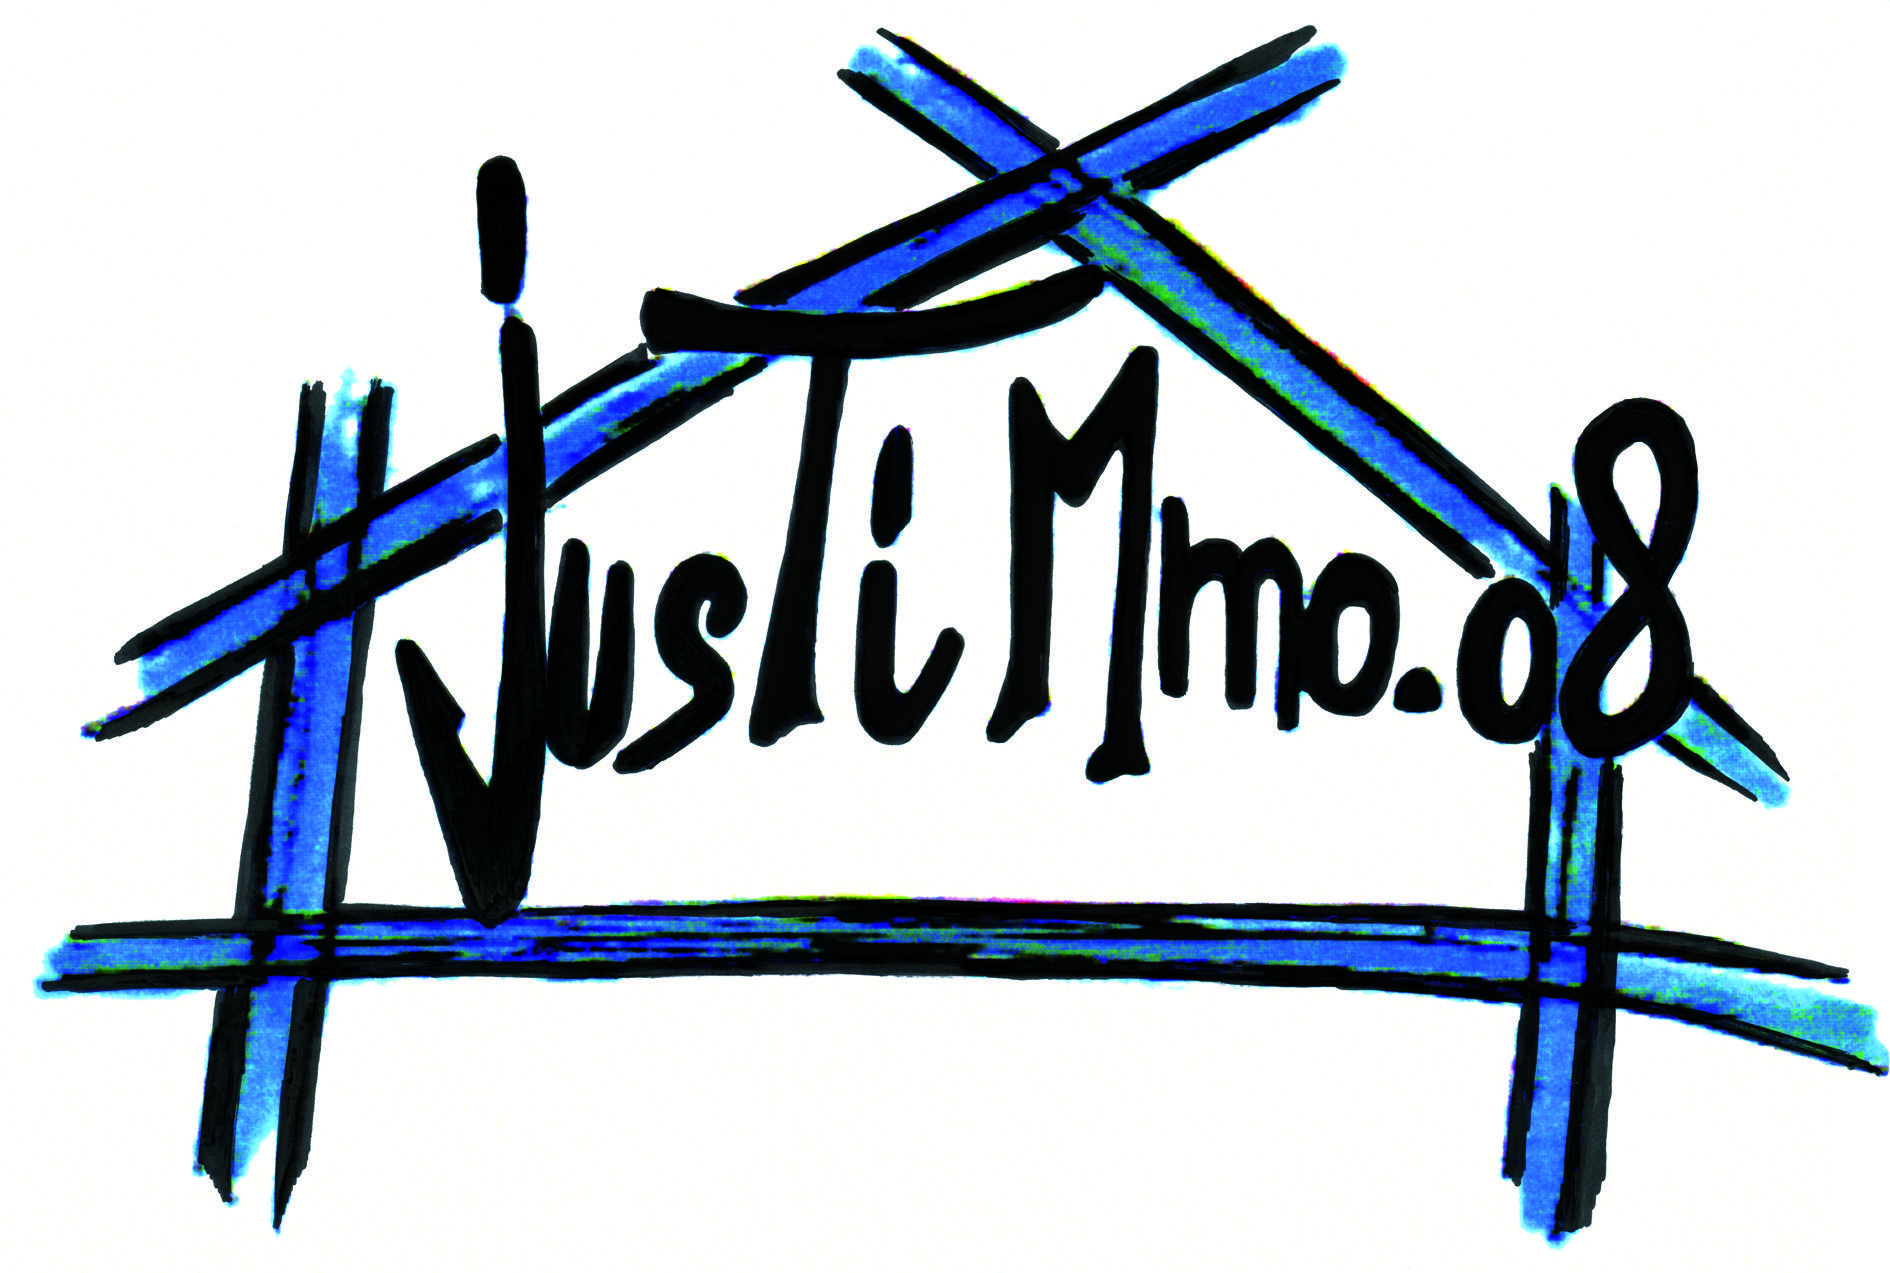 JUSTIMMO08 agence immobilière Charleville-Mézières (08000)